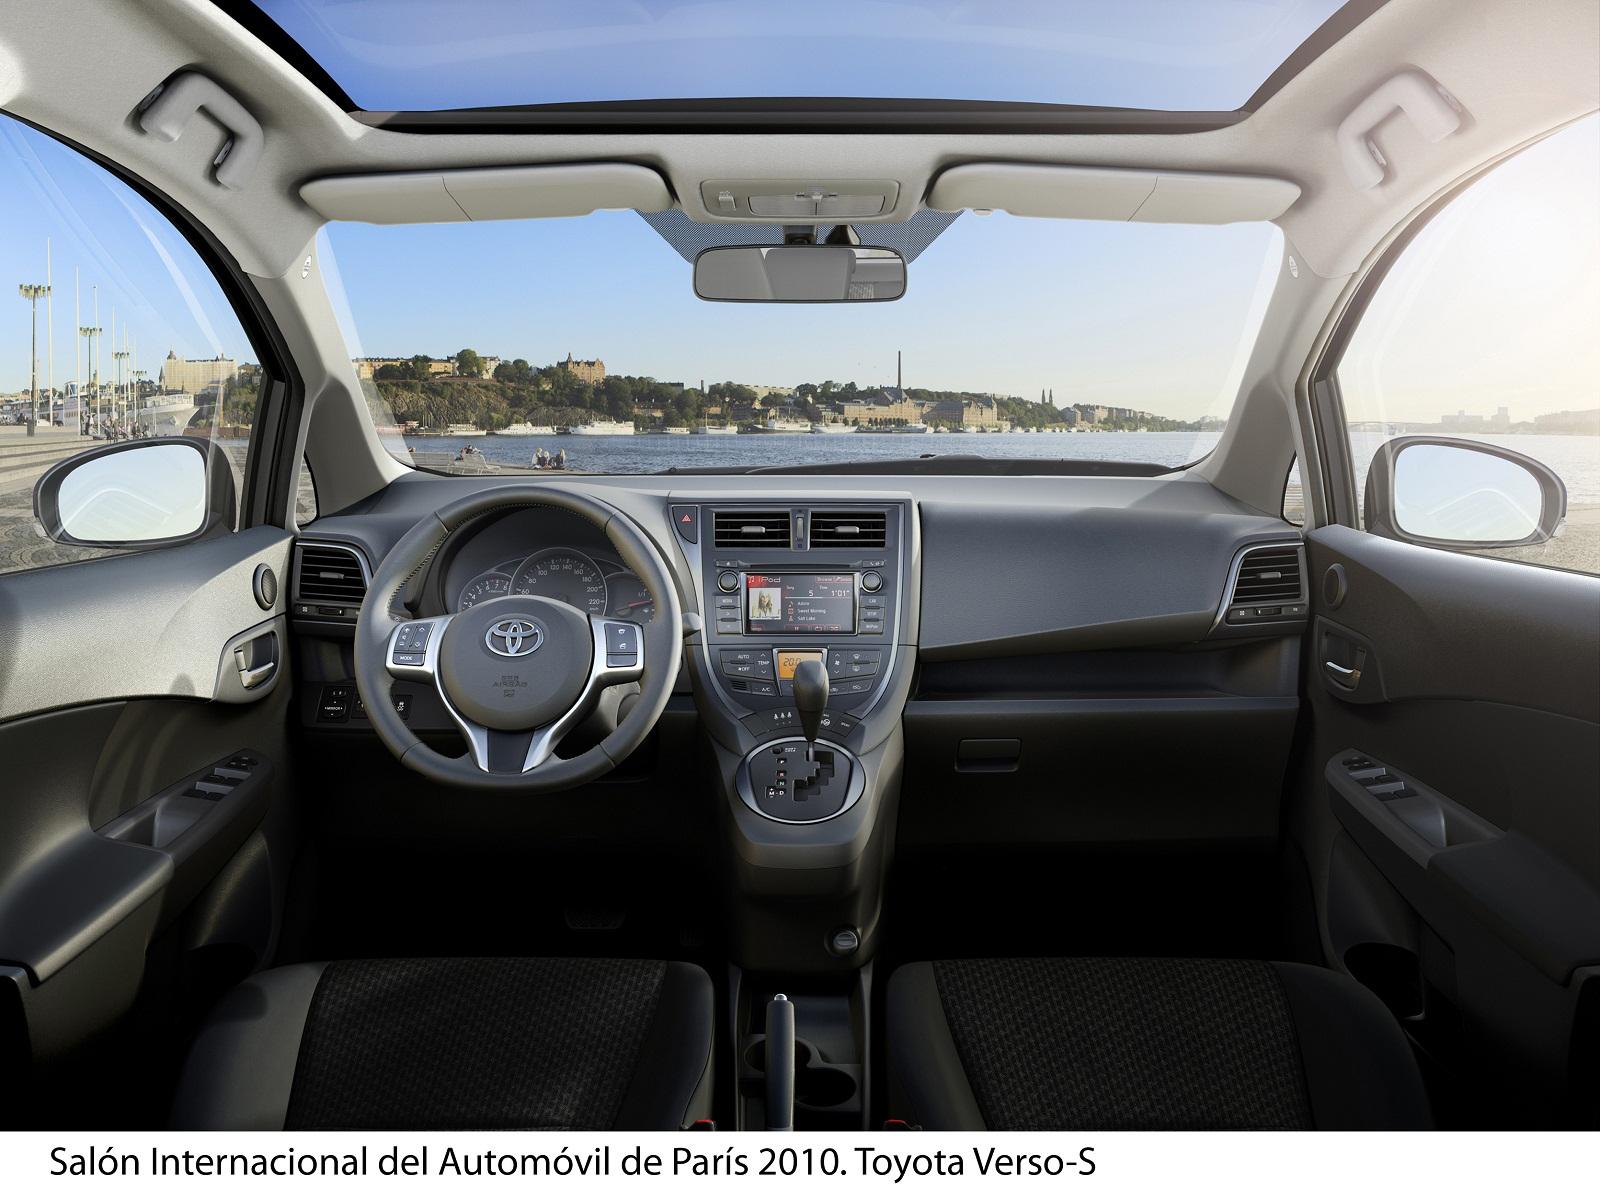 Toyota Verso S 2011 Nuevo Dise 241 O Menor Consumo